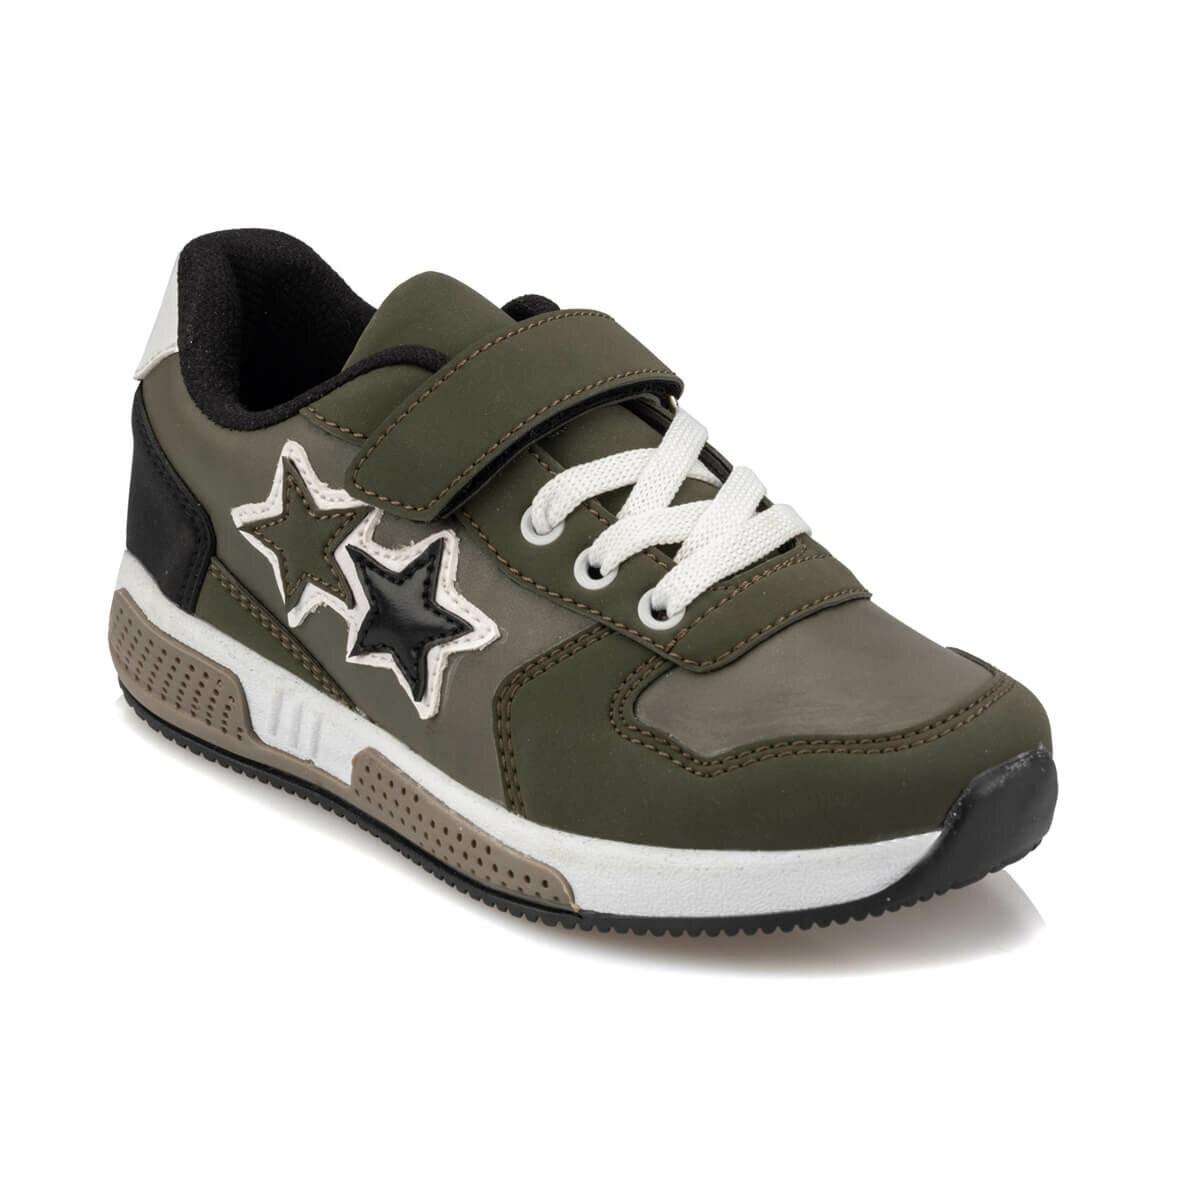 FLO 92.511858.F Khaki Male Child Sports Shoes Polaris